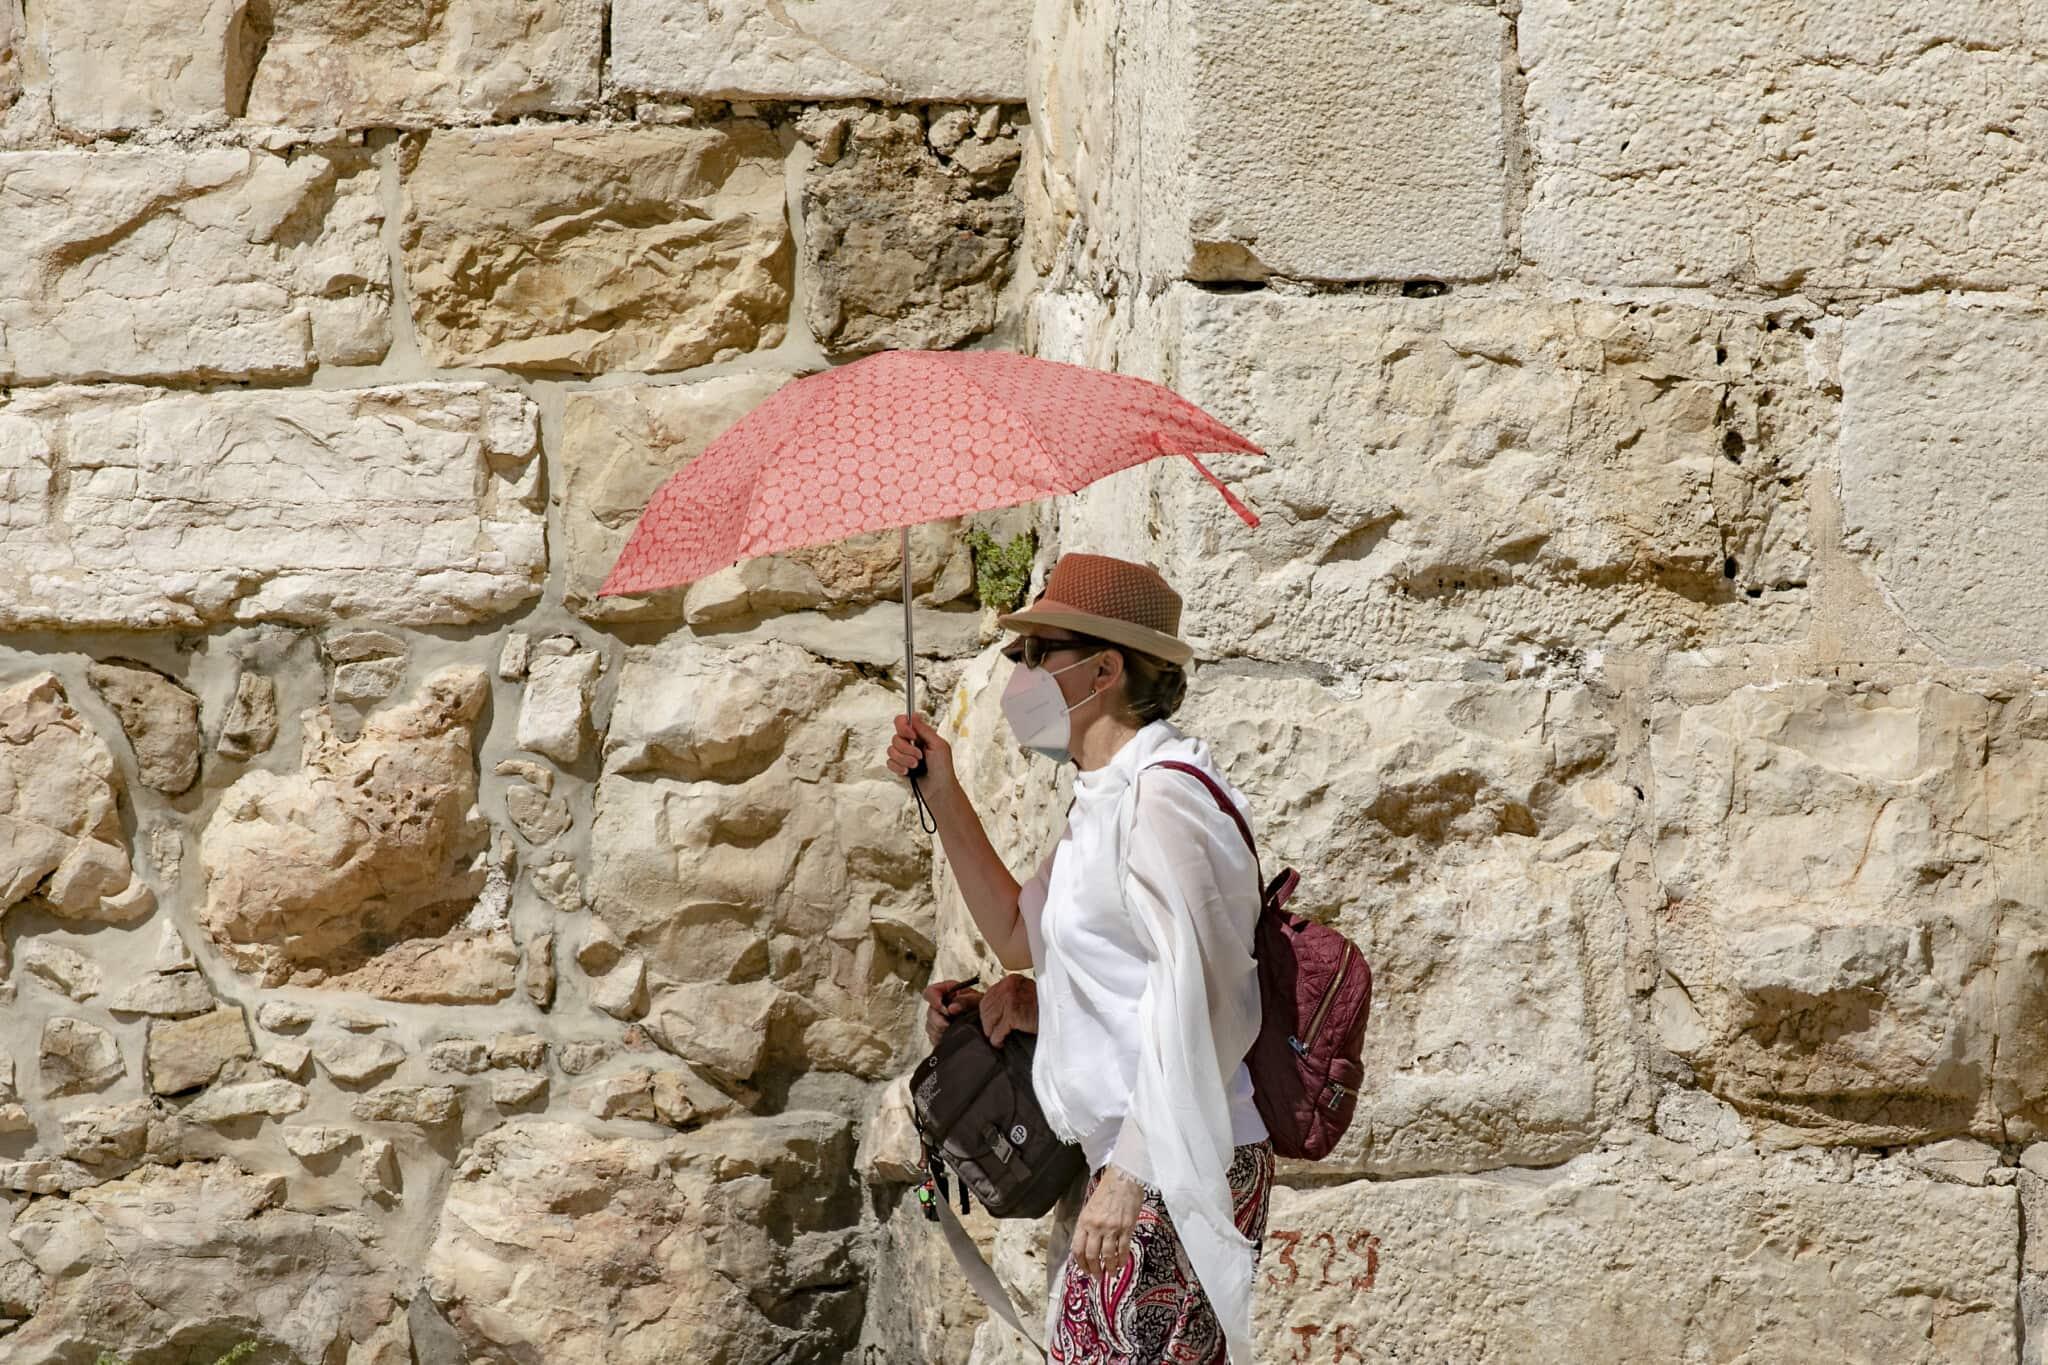 קיץ חם בירושלים בעידן הקורונה, יוני 2020 (צילום: Olivier Fitoussi/Flash90)